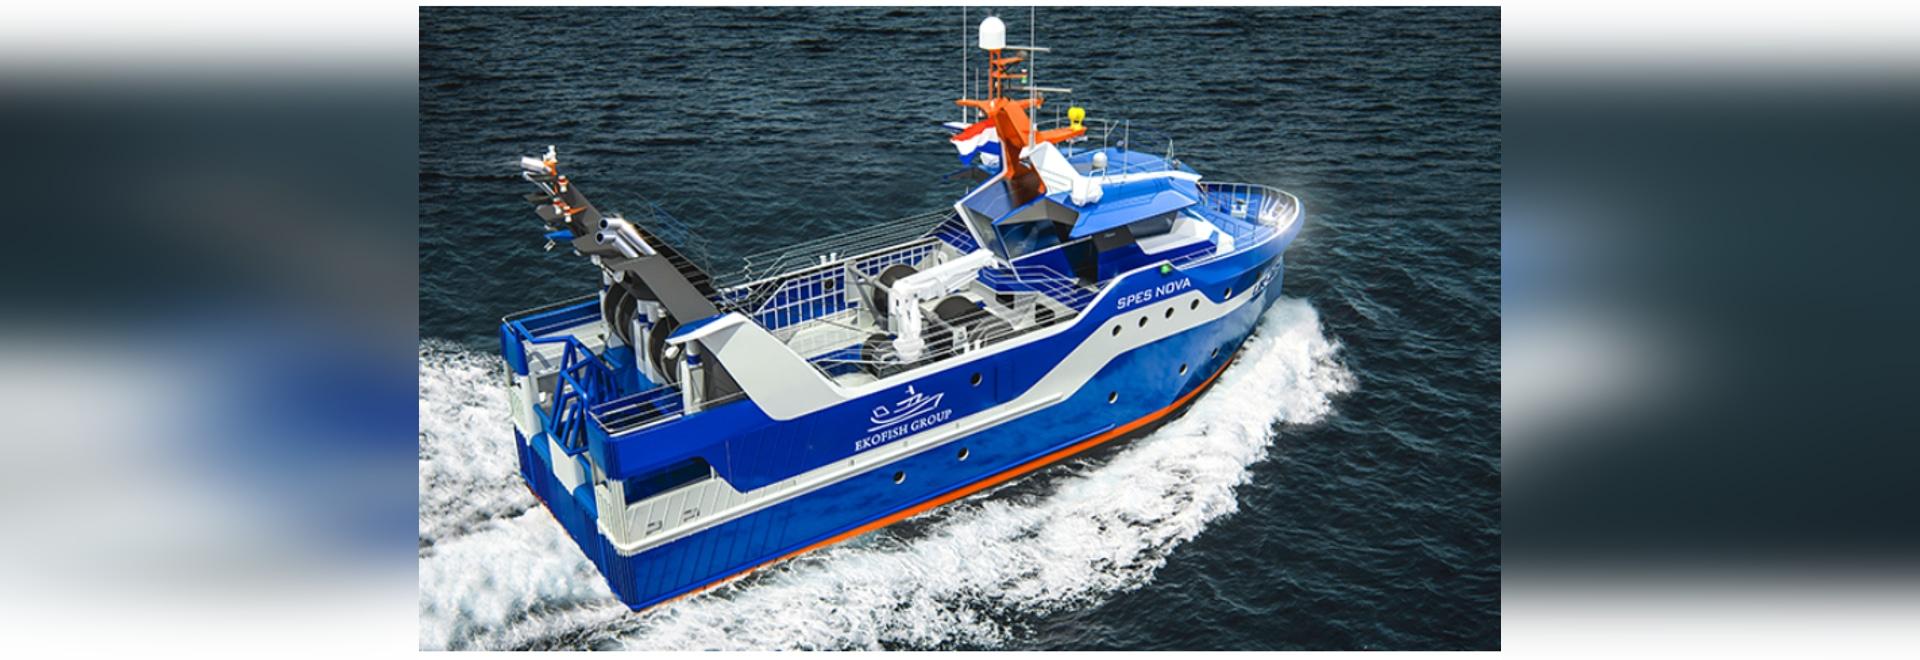 Lieferanten Ekofishs des neuen dieselelektrischen Fischereifahrzeuges kündigten an